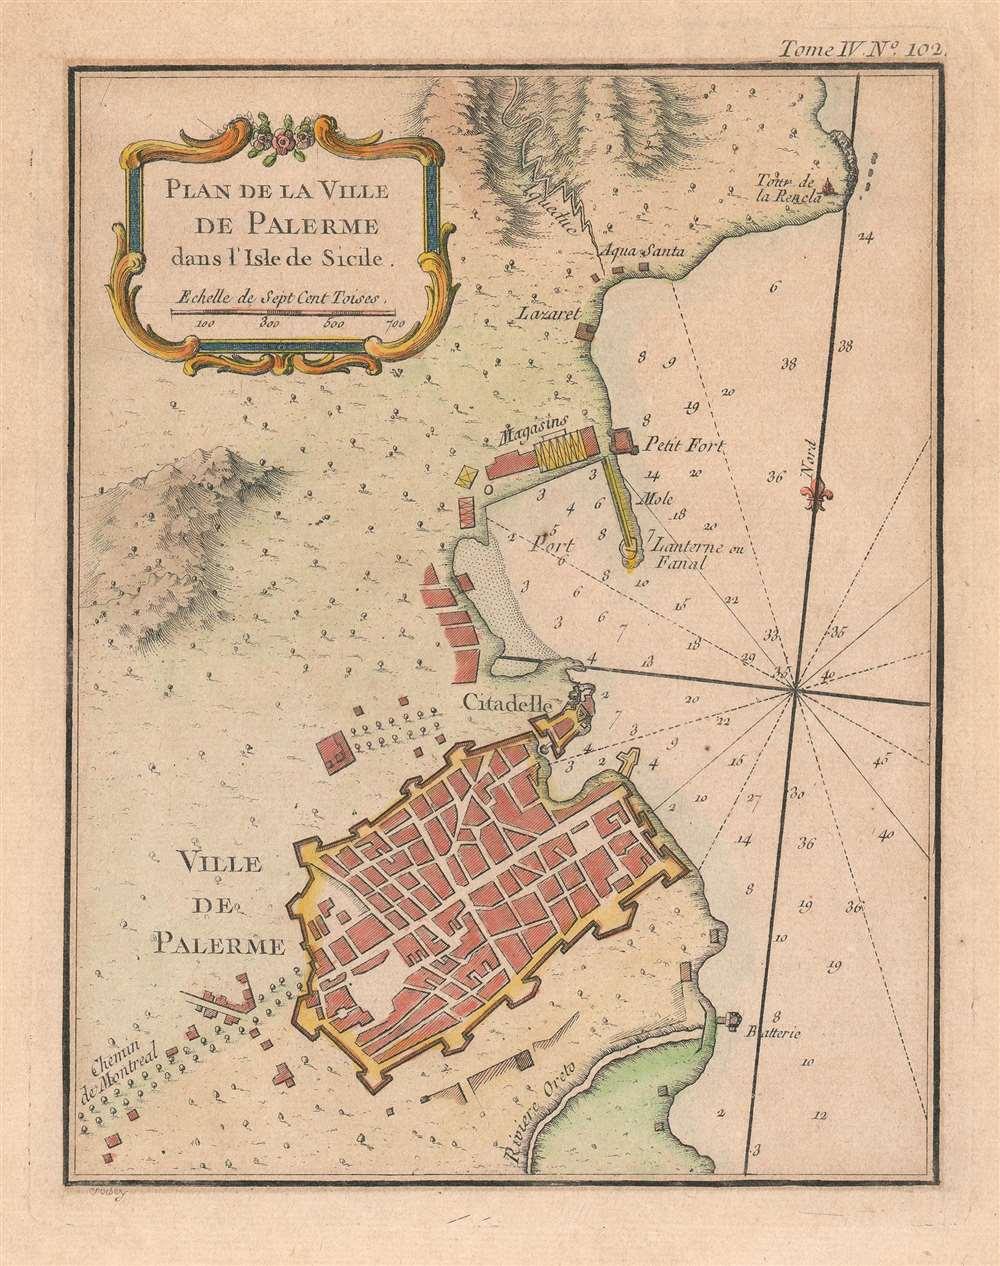 Plan de la Ville de Palerme dans l'isle de Sicile. - Main View